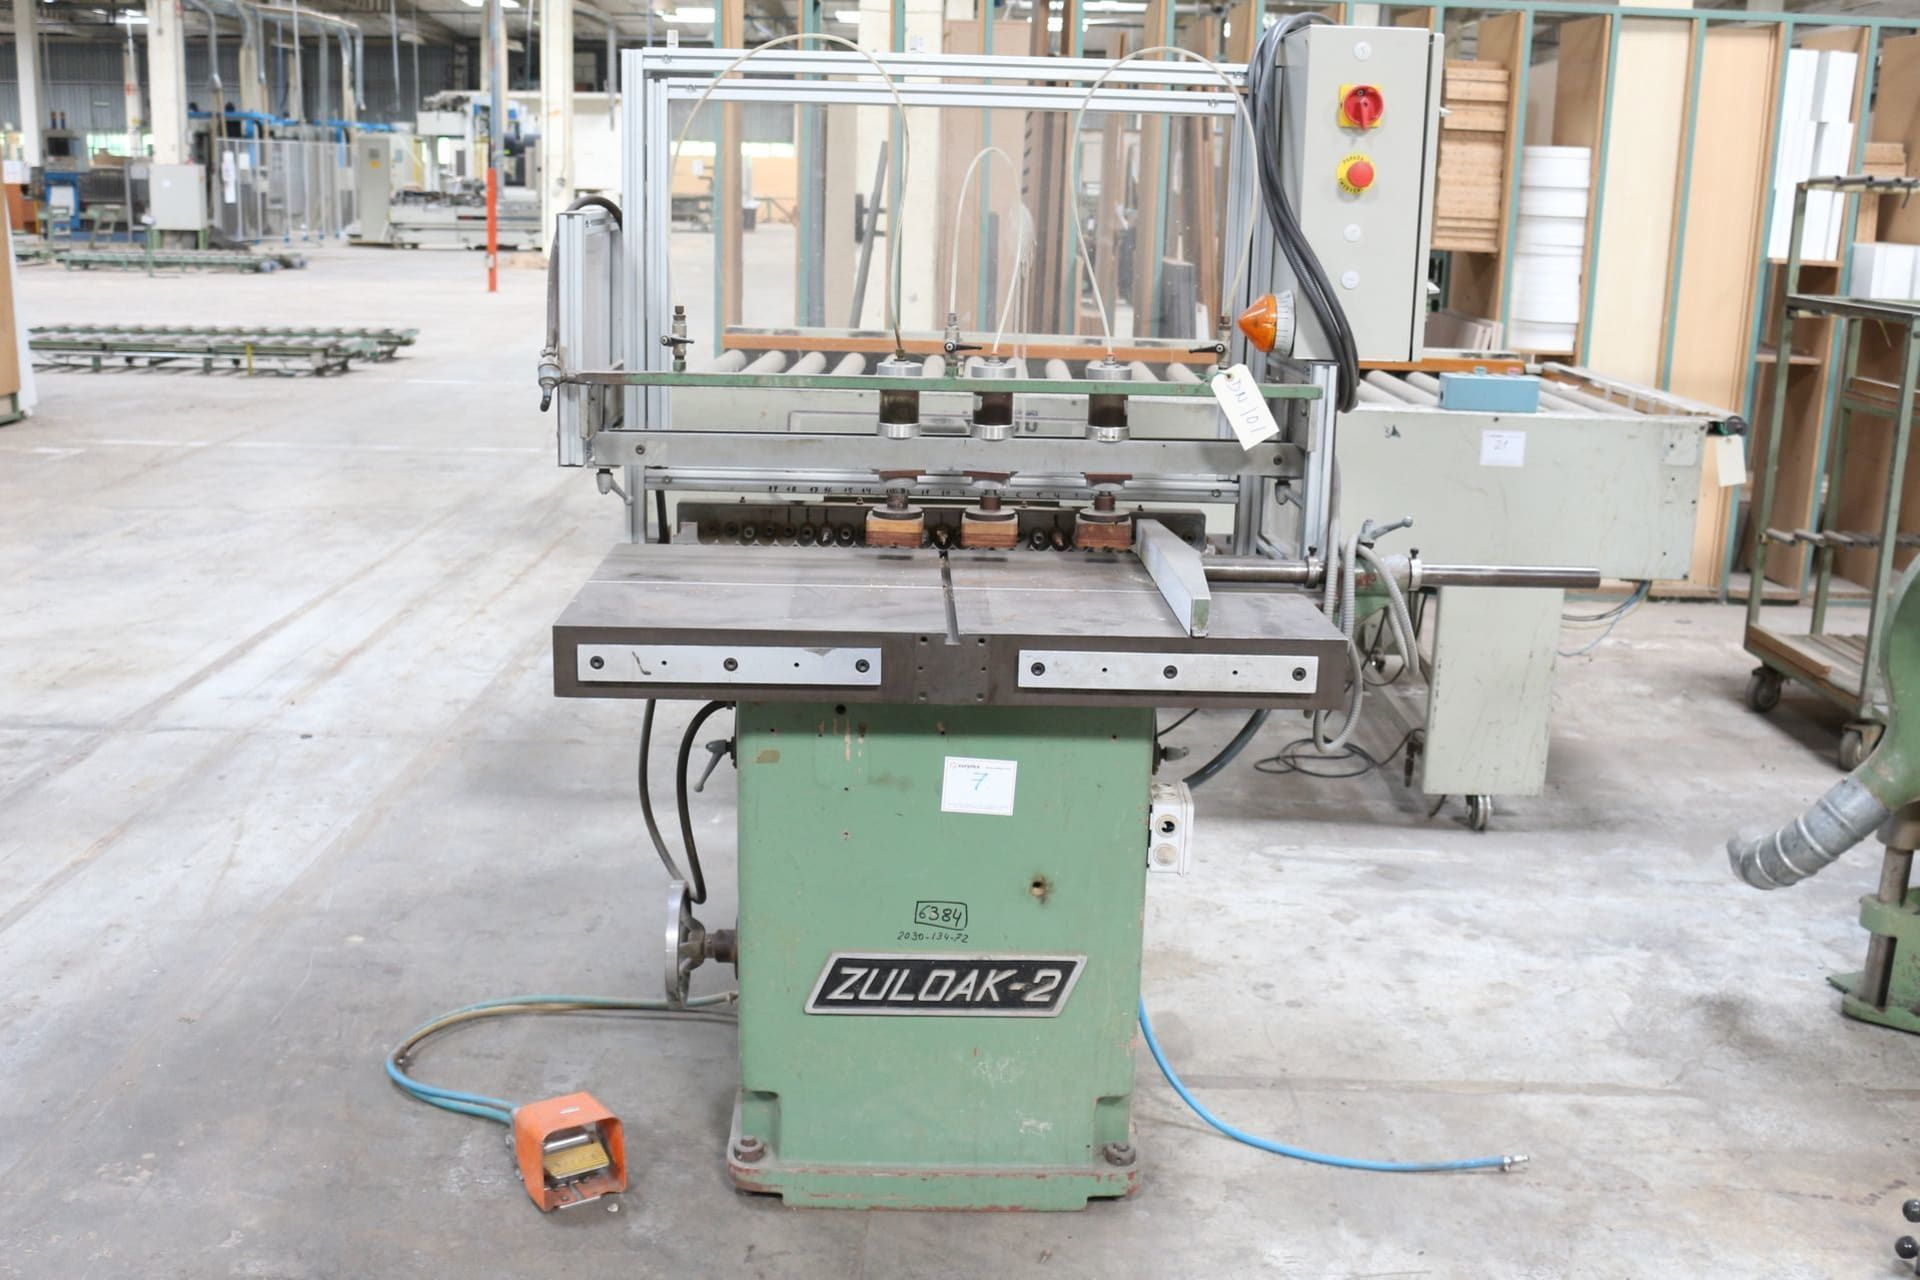 ZUBIOLA ZULOAK 2 Mehrfachbohrmaschine